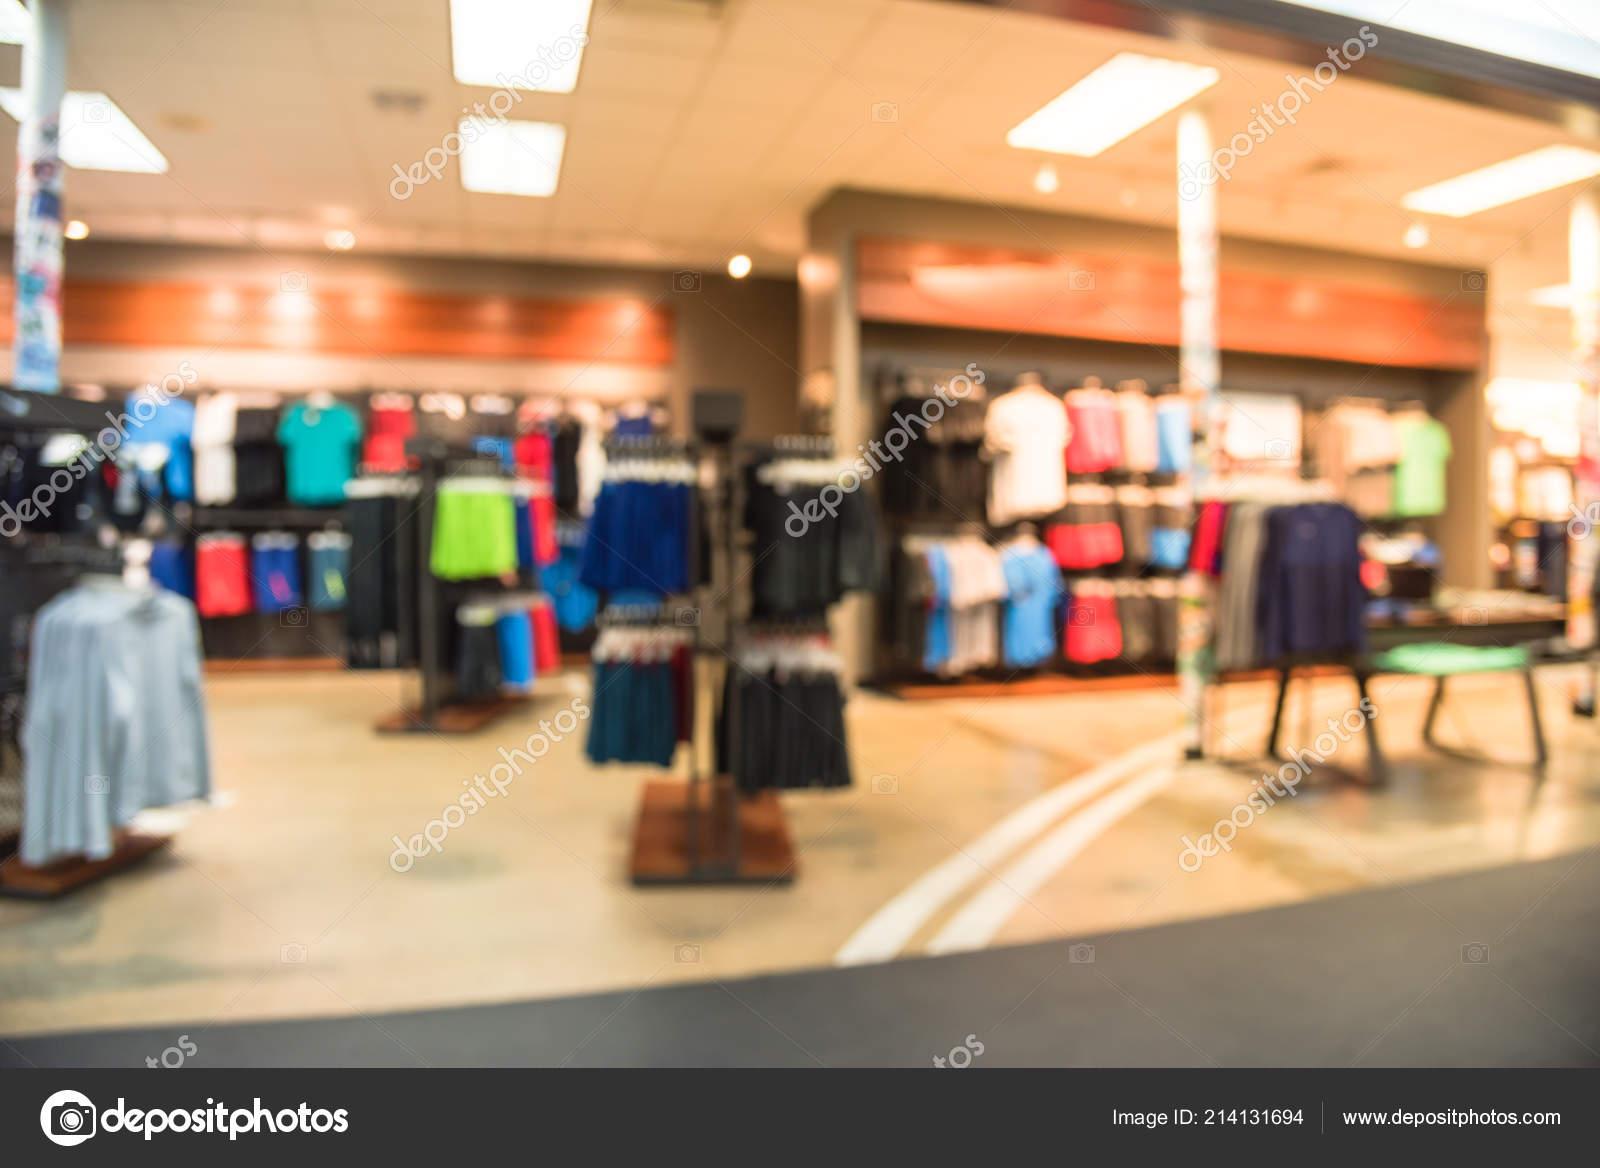 791056b85 Tom vintage turva interior imagem esportes e loja de roupas de fitness na  América. Loja de desporto com marca de moda famosos esportes no mundo do  tênis